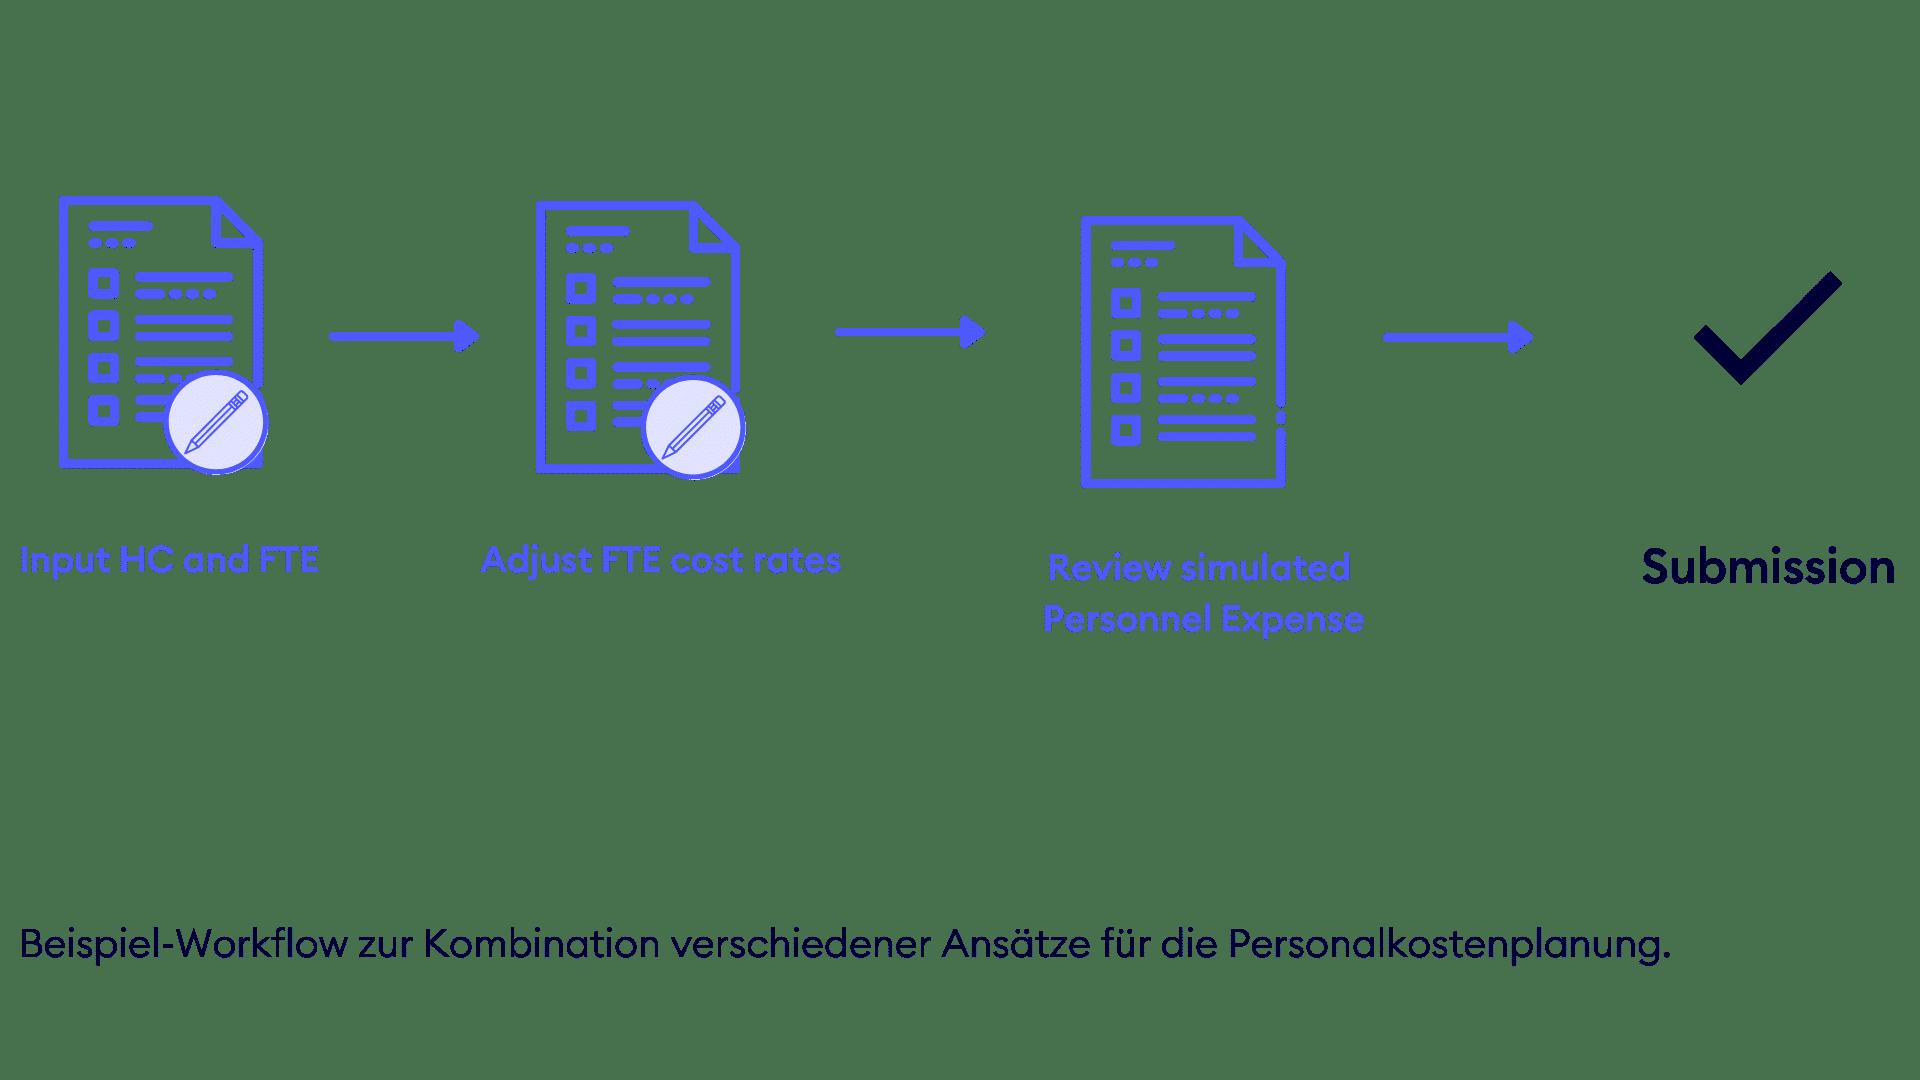 Workflow Personalkosten CCH Tagetik